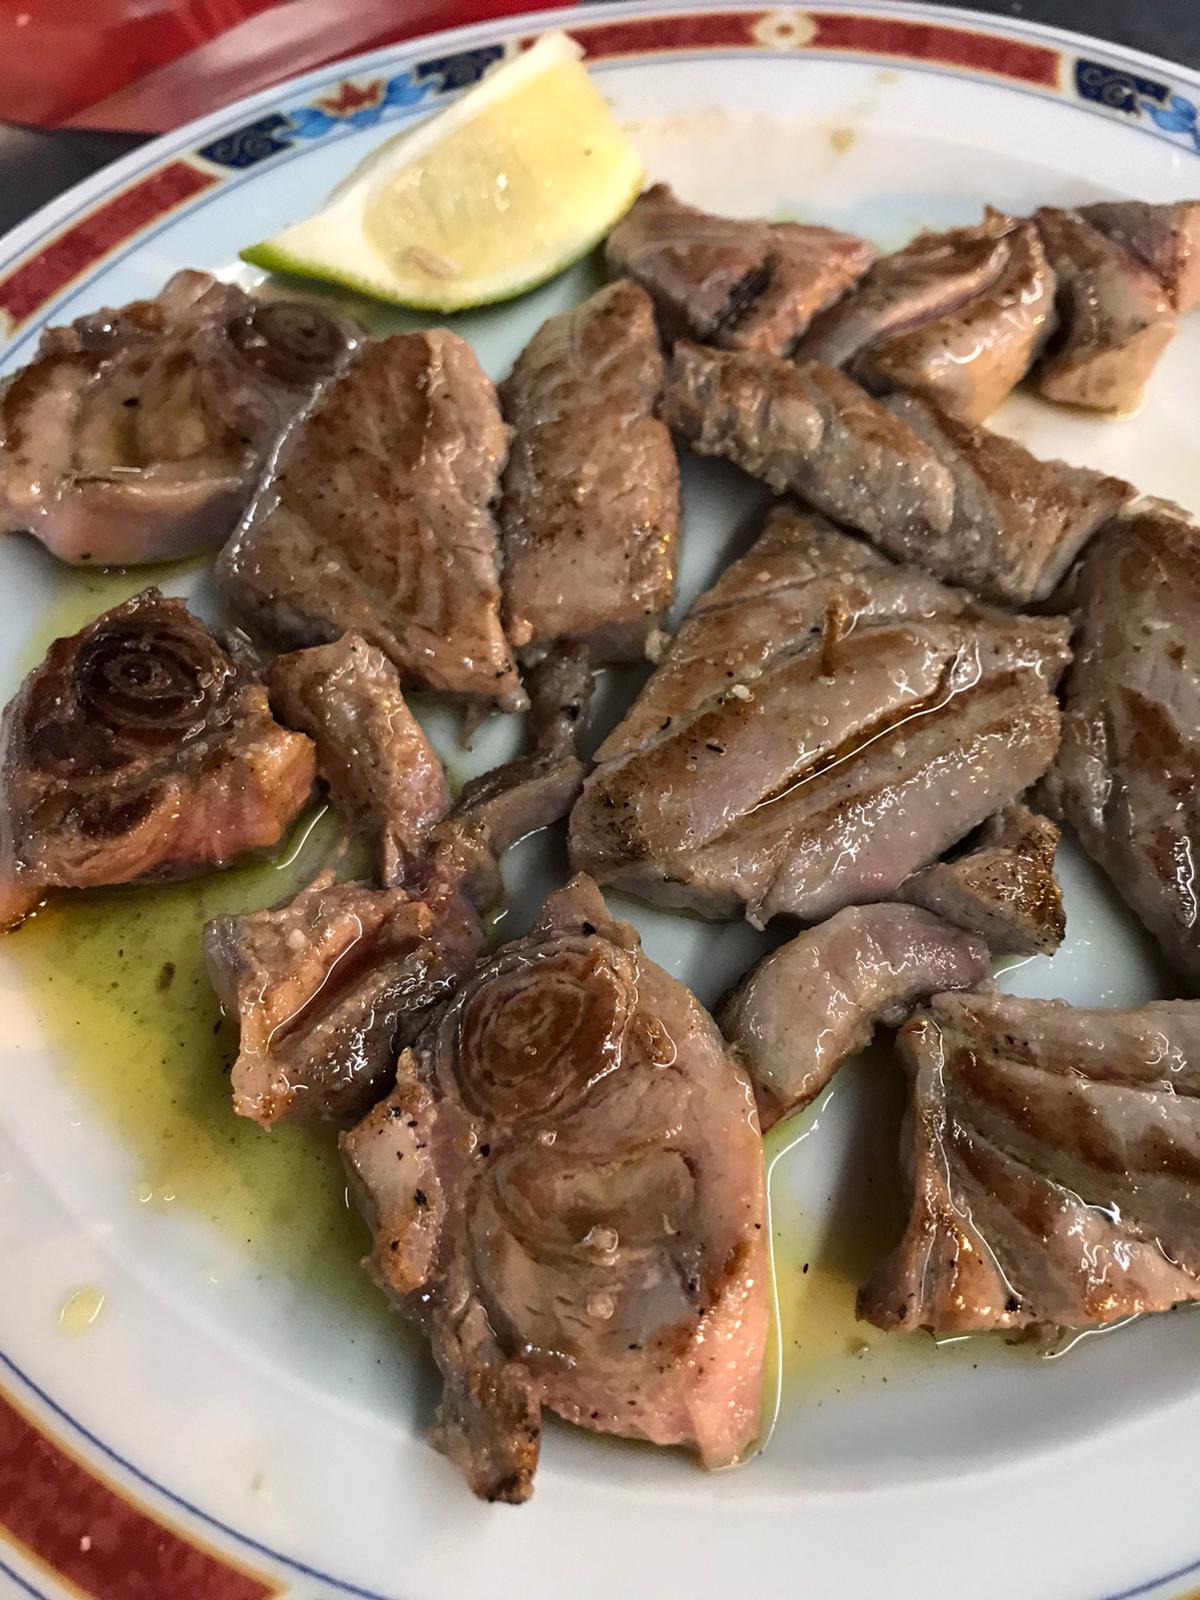 Reseña Gastronomica: Restaurante La Lonja en el puerto pesquero de Villajoyosa 4